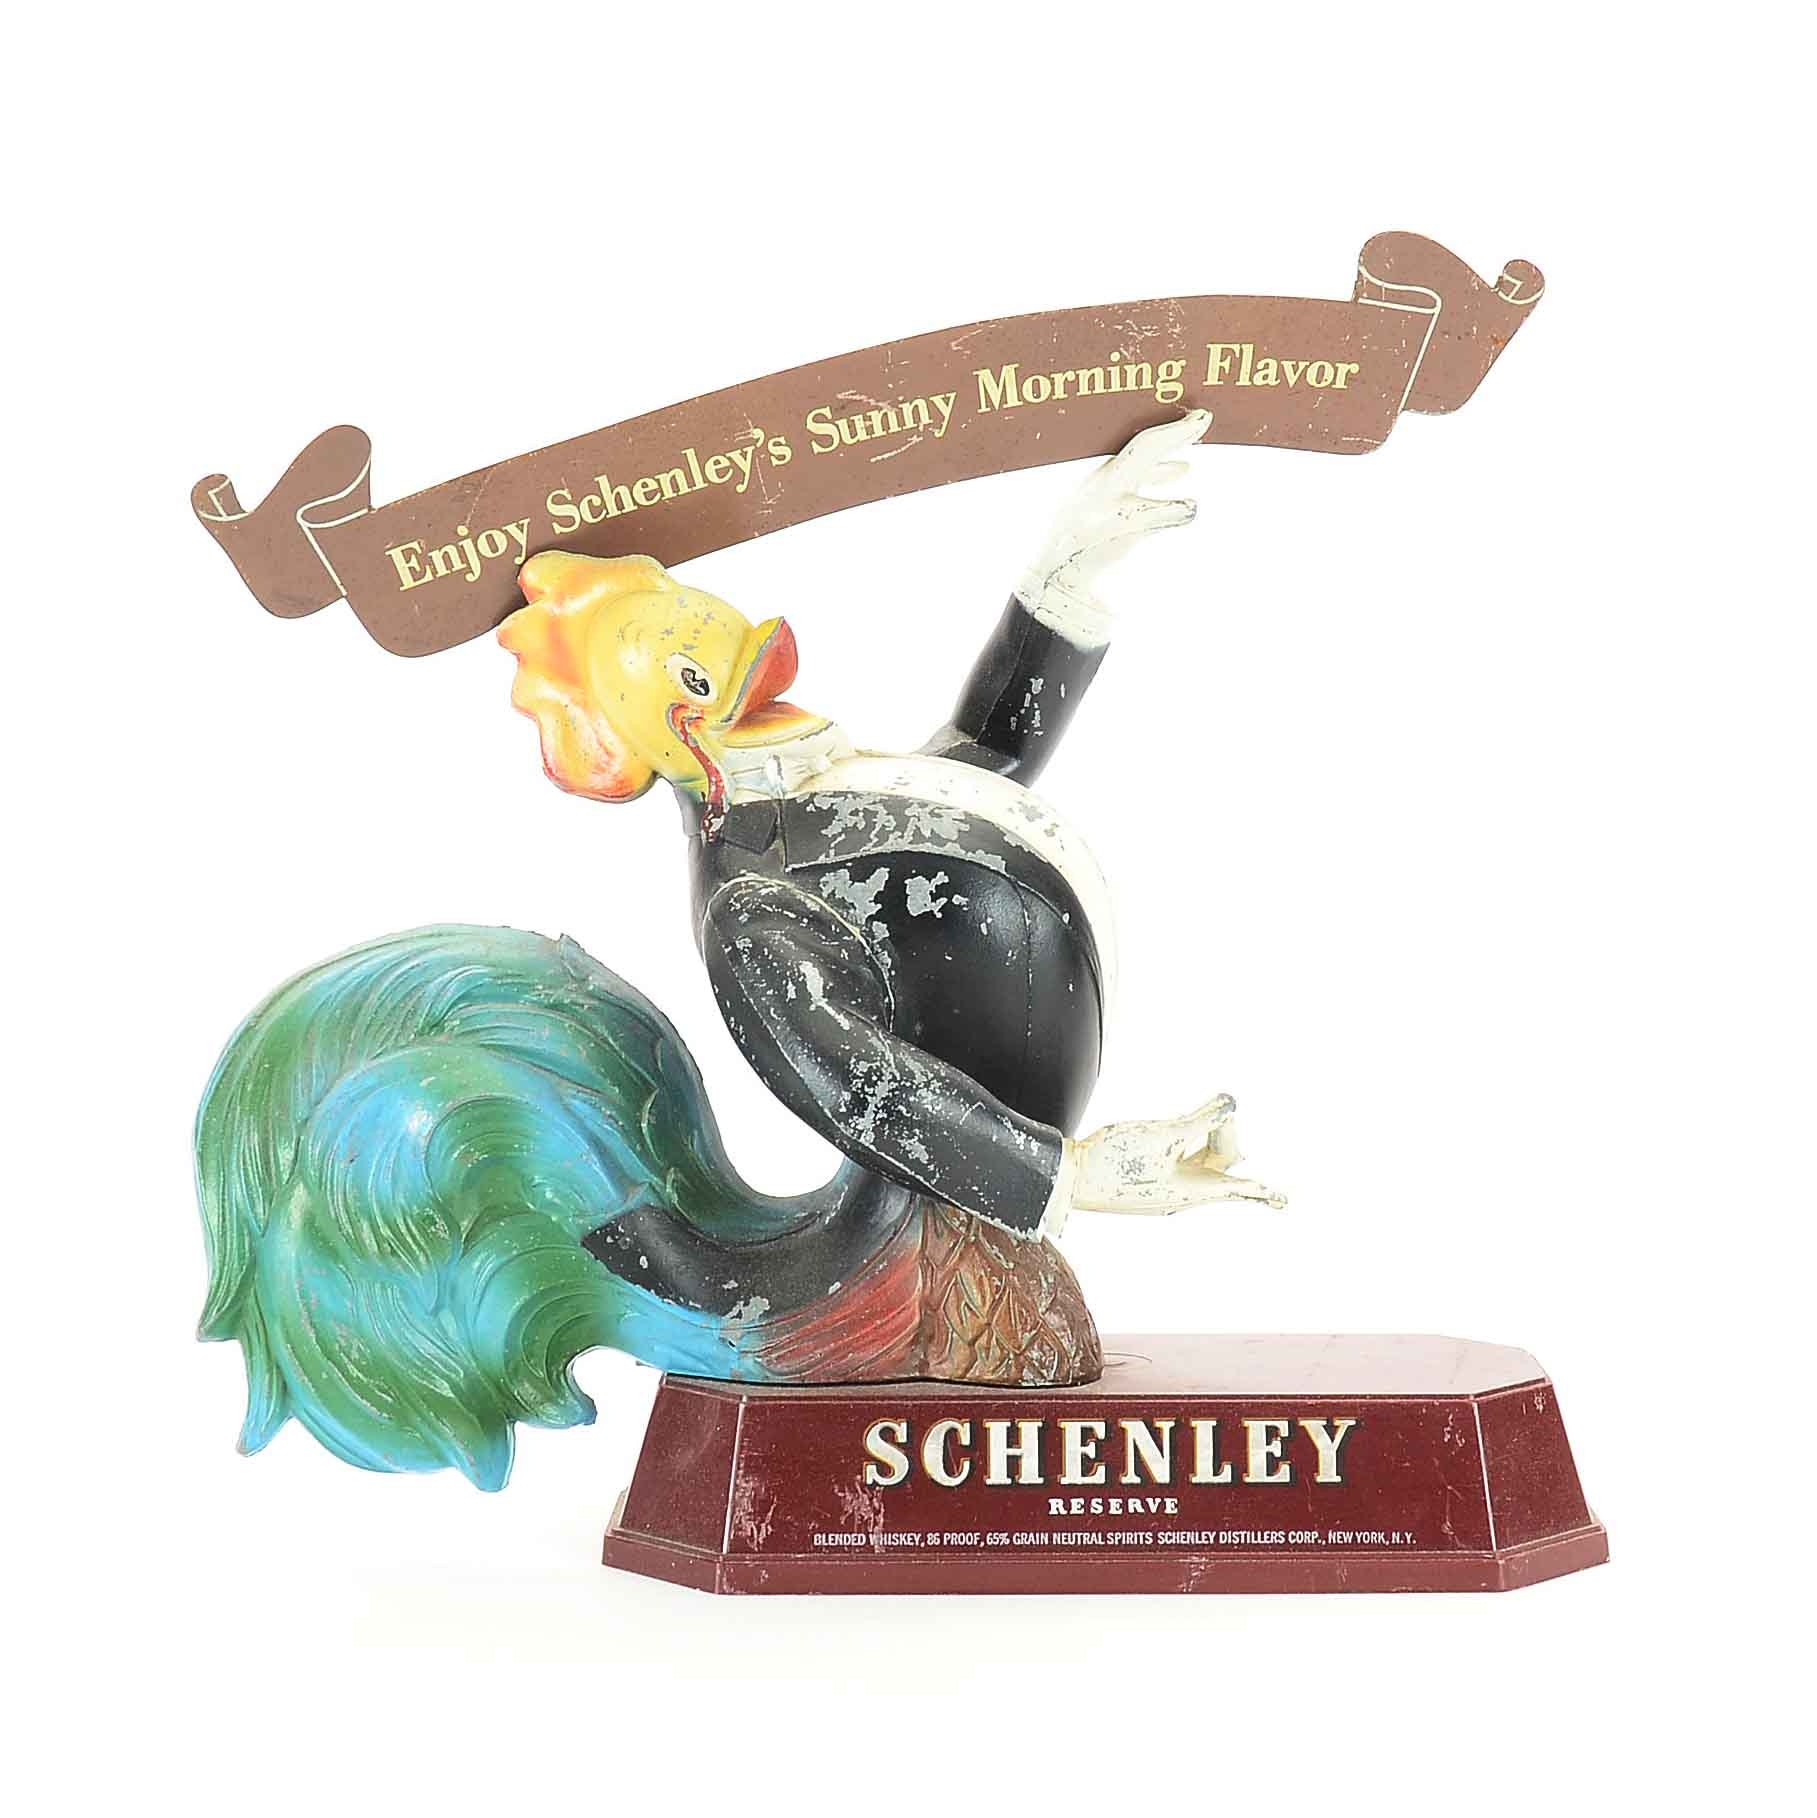 Schenley Whiskey Store Display